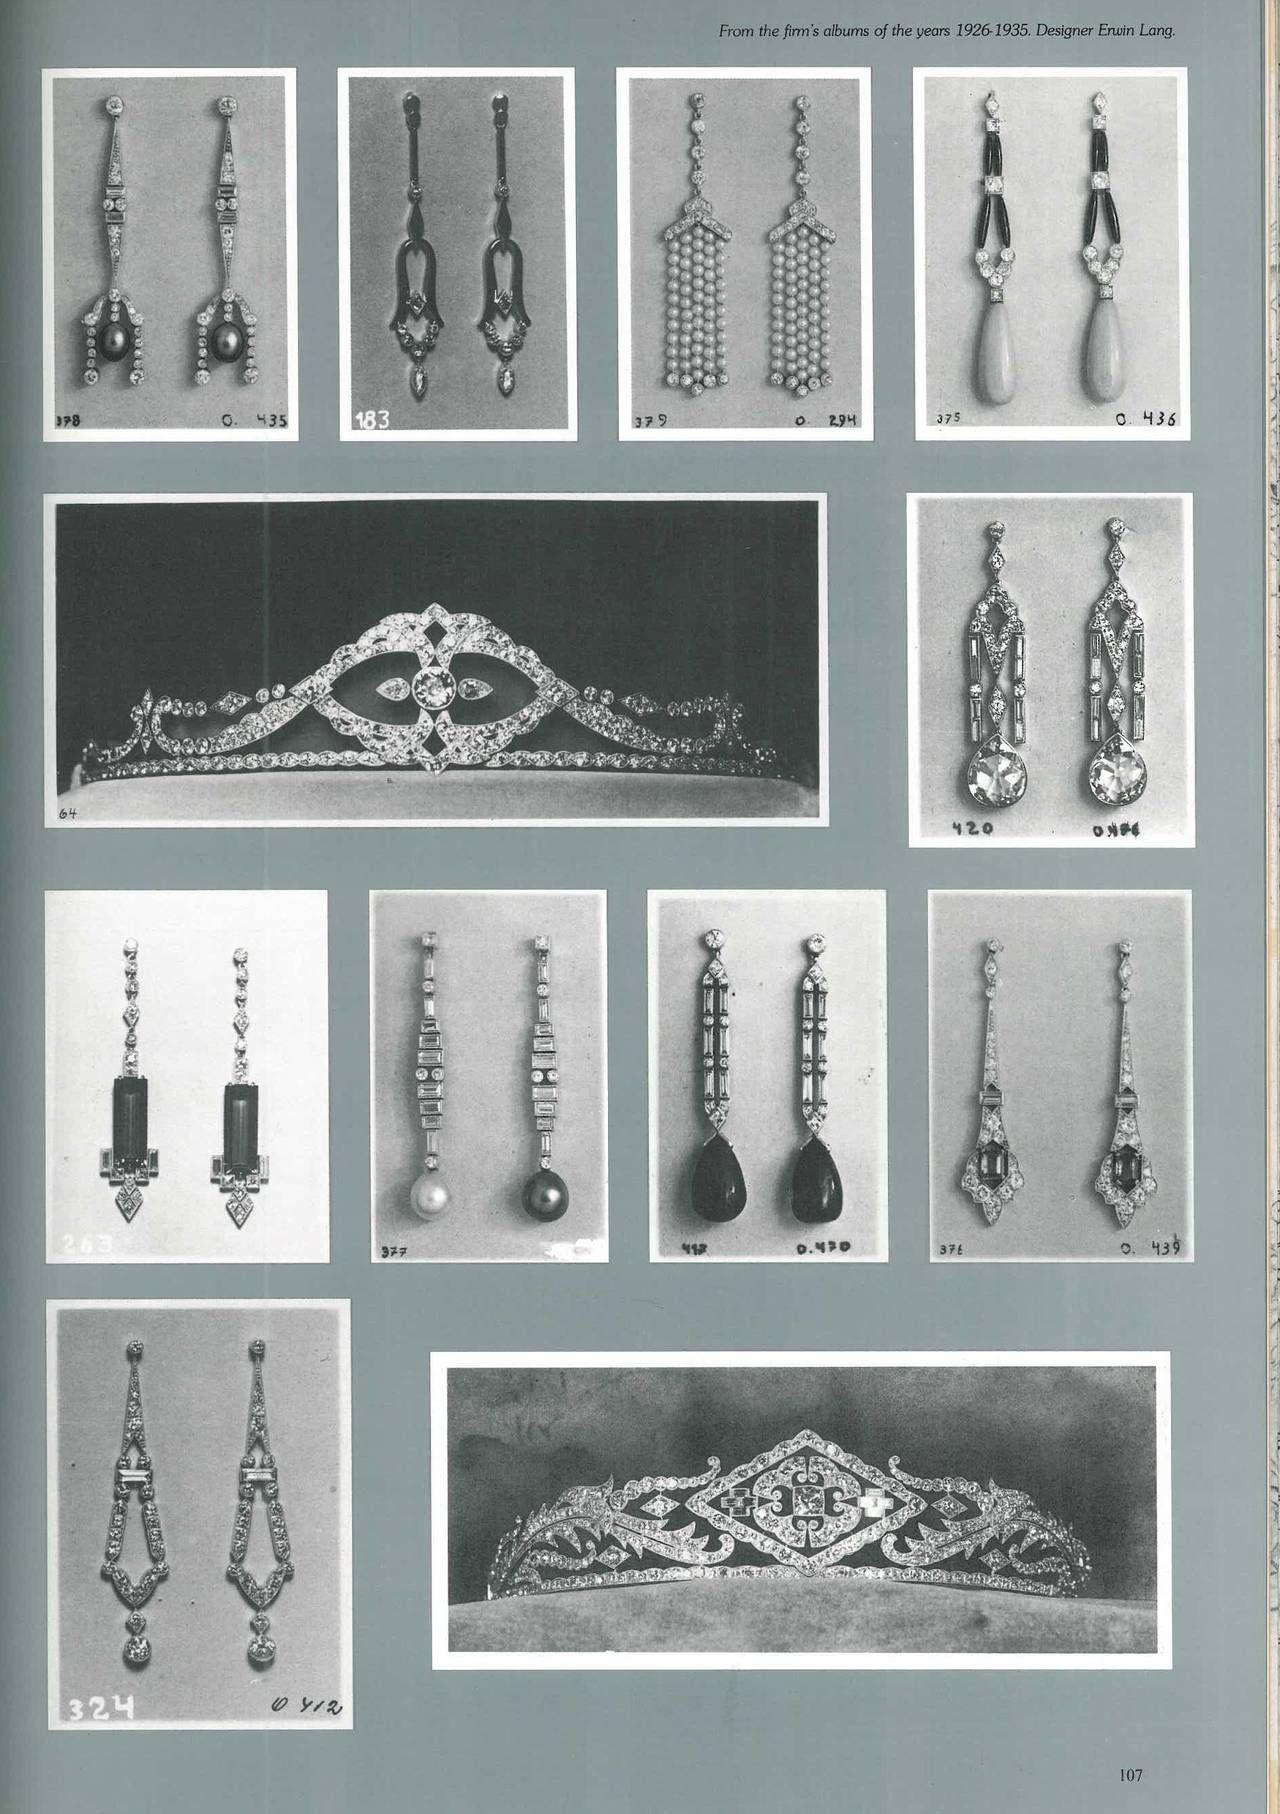 Jewellery design books